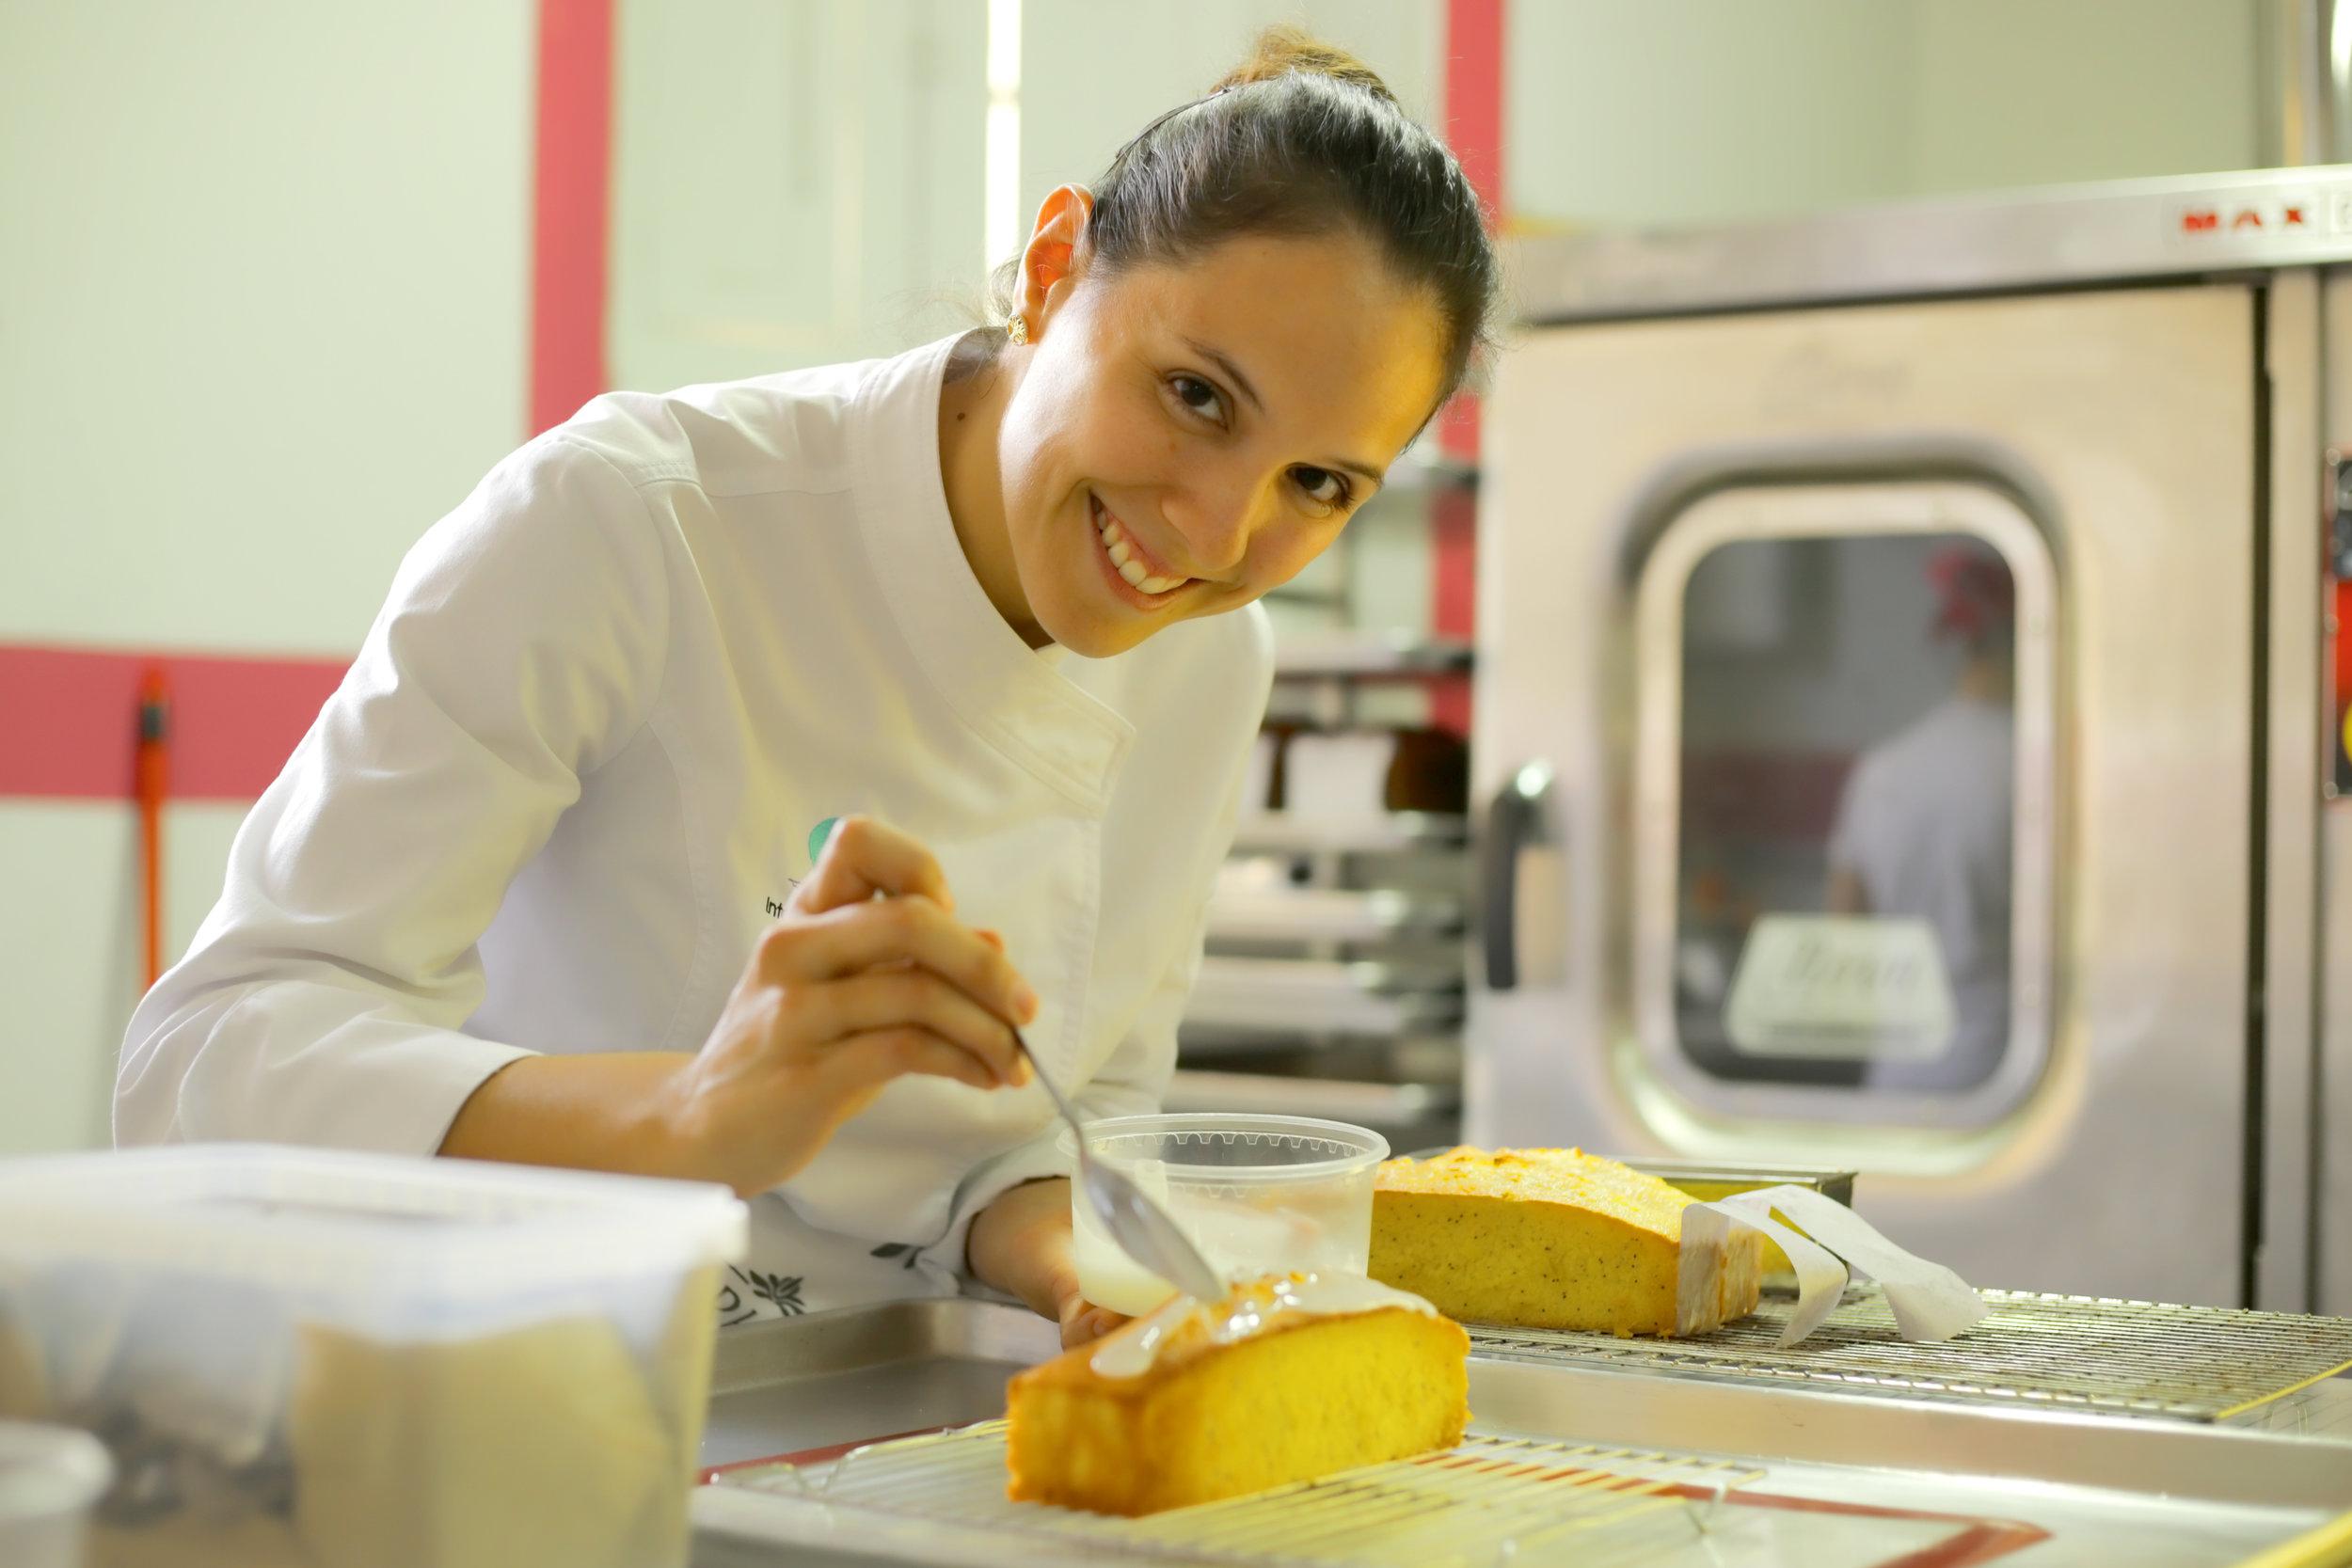 LA VERITÉ PATISSERIE     La pastelería francesa retoma su reinado con una cuidada selección de postres en los que resalta la presentación, pero también la calidad y cuidado con que se eligen cada uno de los ingredientes.